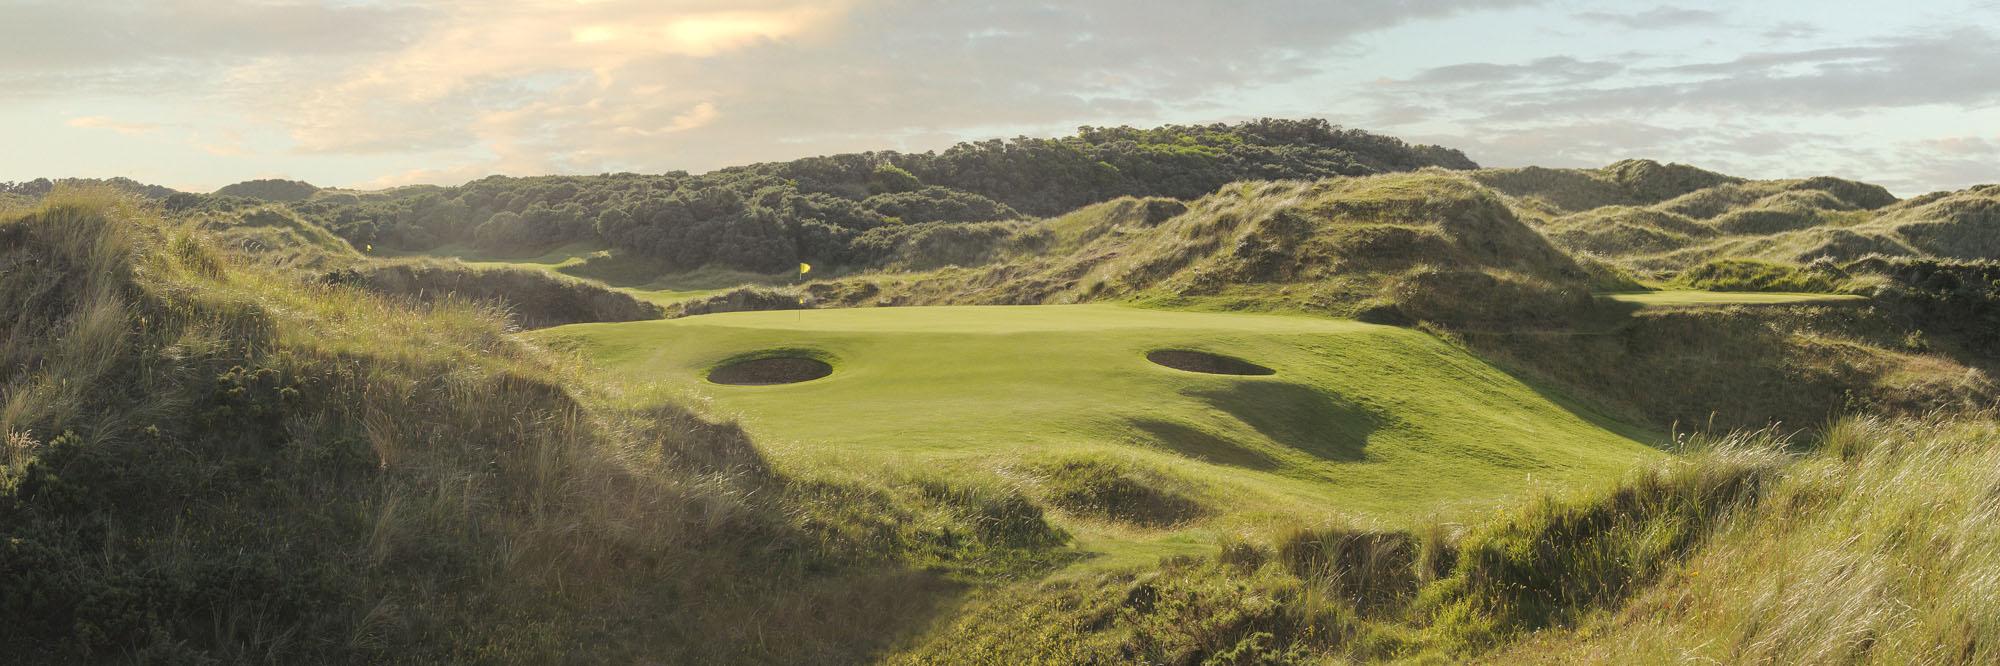 Golf Course Image - Portstewart No. 6